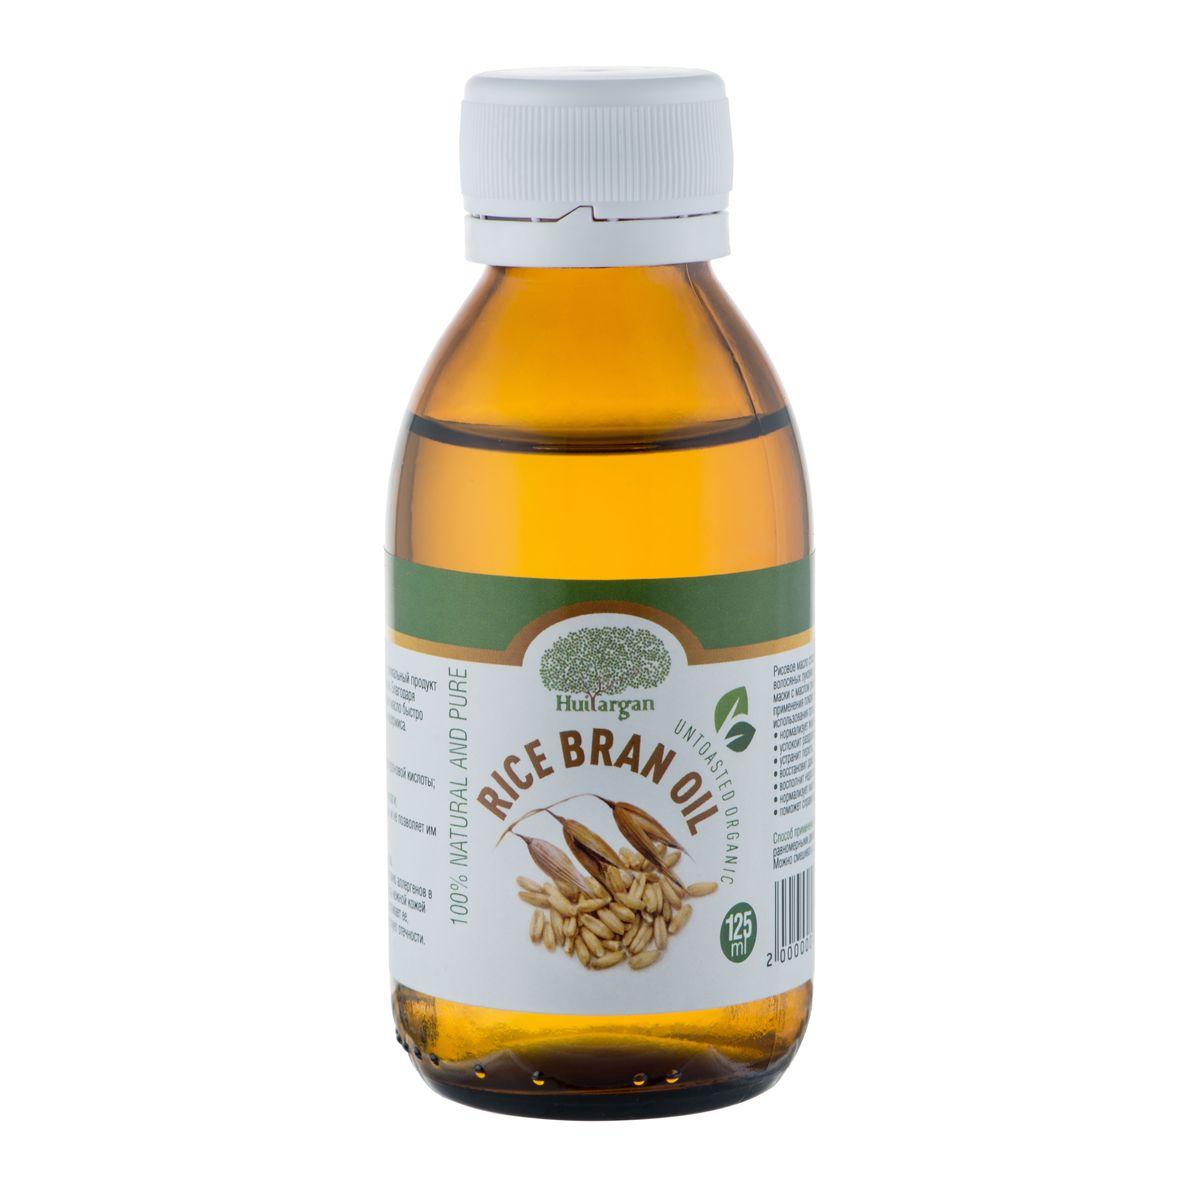 Huilargan Масло рисовых отрубей, 100% натуральное, 125 мл2000000009131Масло рисовых отрубей (Rice bran oil ) - уникальный продукт рекомендован для сухой и увядающей кожи. Благодаря глубокому проникновению в кожу, рисовое масло быстро впитывается и попадает в нижние слои эпидермиса. Оно проявляет следующие действия: - провоцирует выработку эластина и гиалуроновой кислоты; - насыщает клетки витаминами; - увлажняет кожу и препятствует потере влаги; - разглаживает уже имеющиеся морщины и не позволяет им закладываться в будущем; - обновляет кожный покров; - выравнивает рельеф, улучшает цвет лица. Благодаря мягкому воздействию и отсутствию аллергенов в составе, продукт используется для ухода за нежной кожей вокруг глаз. Масло питает кожу век, подтягивает ее, разглаживает мелкие морщины и препятствует отечности. Рисовое масло способствует активизации замерших волосяных луковиц и укреплению корней волос. Массаж и маски с маслом рисовых отрубей уже через 10 дней применения покажут видимые результаты. Кроме того, его использования...